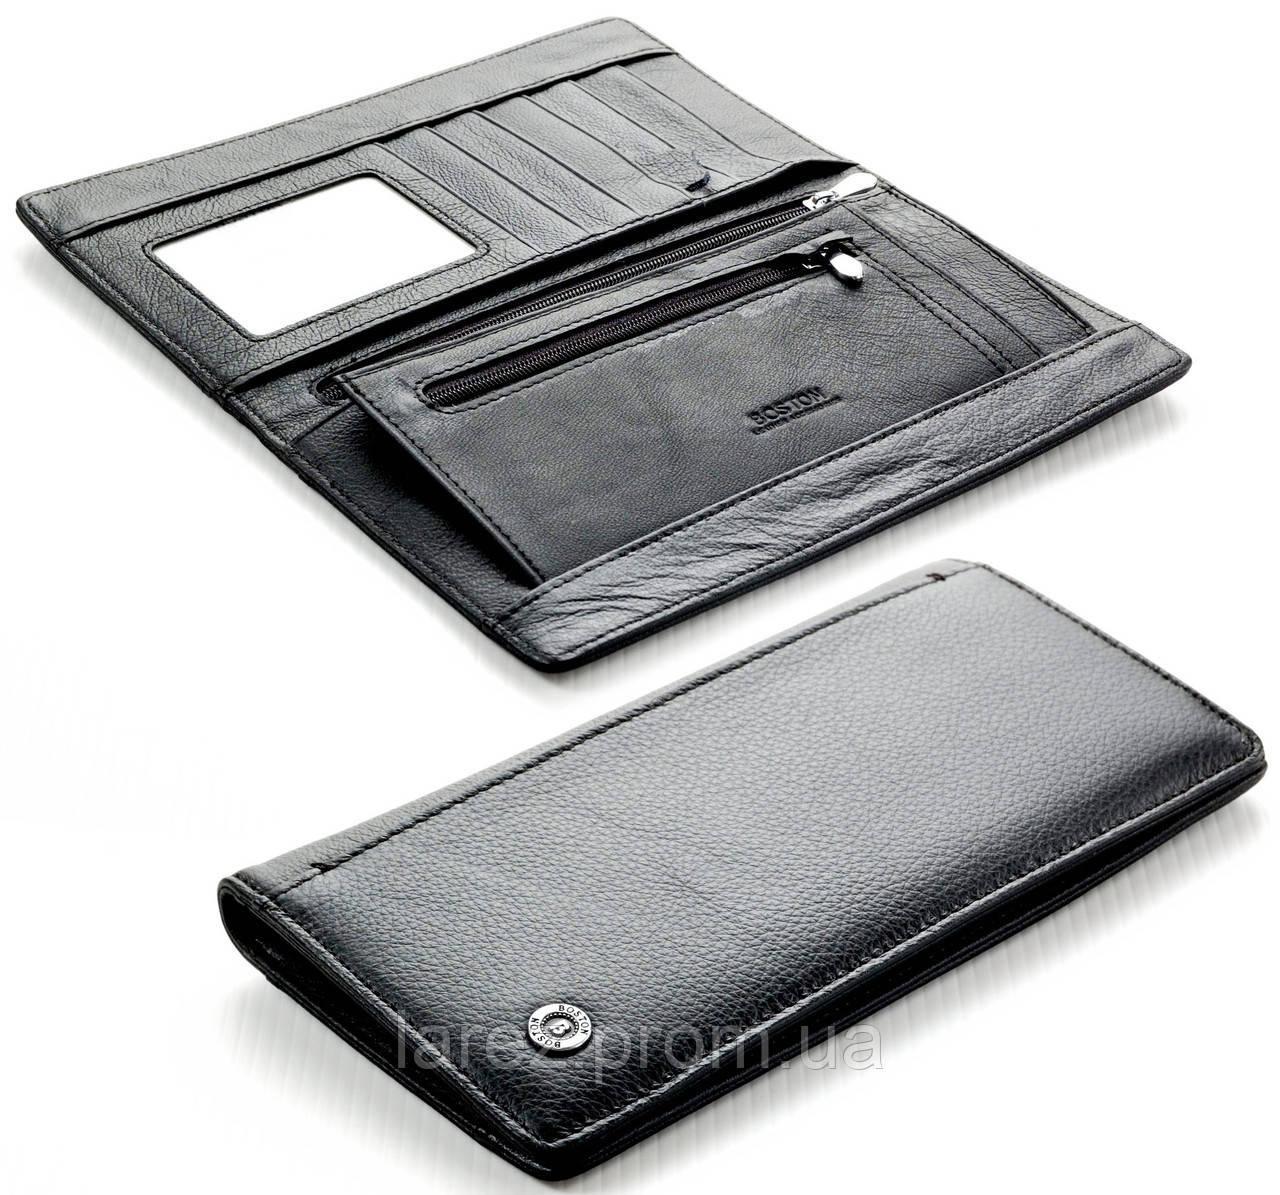 Мужской кожаный кошелек портмоне Boston на магните натуральная кожа ... 8b7a0ed7f5d